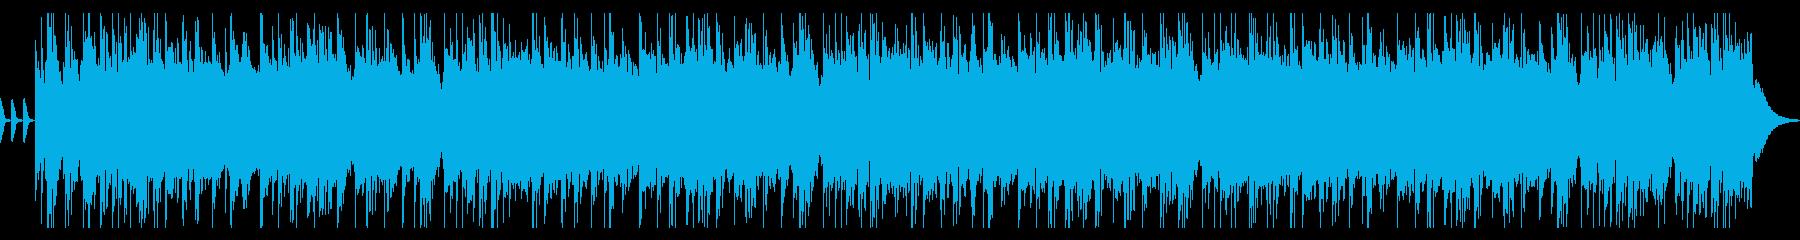 ギター のハードロックCM 動画 OPの再生済みの波形